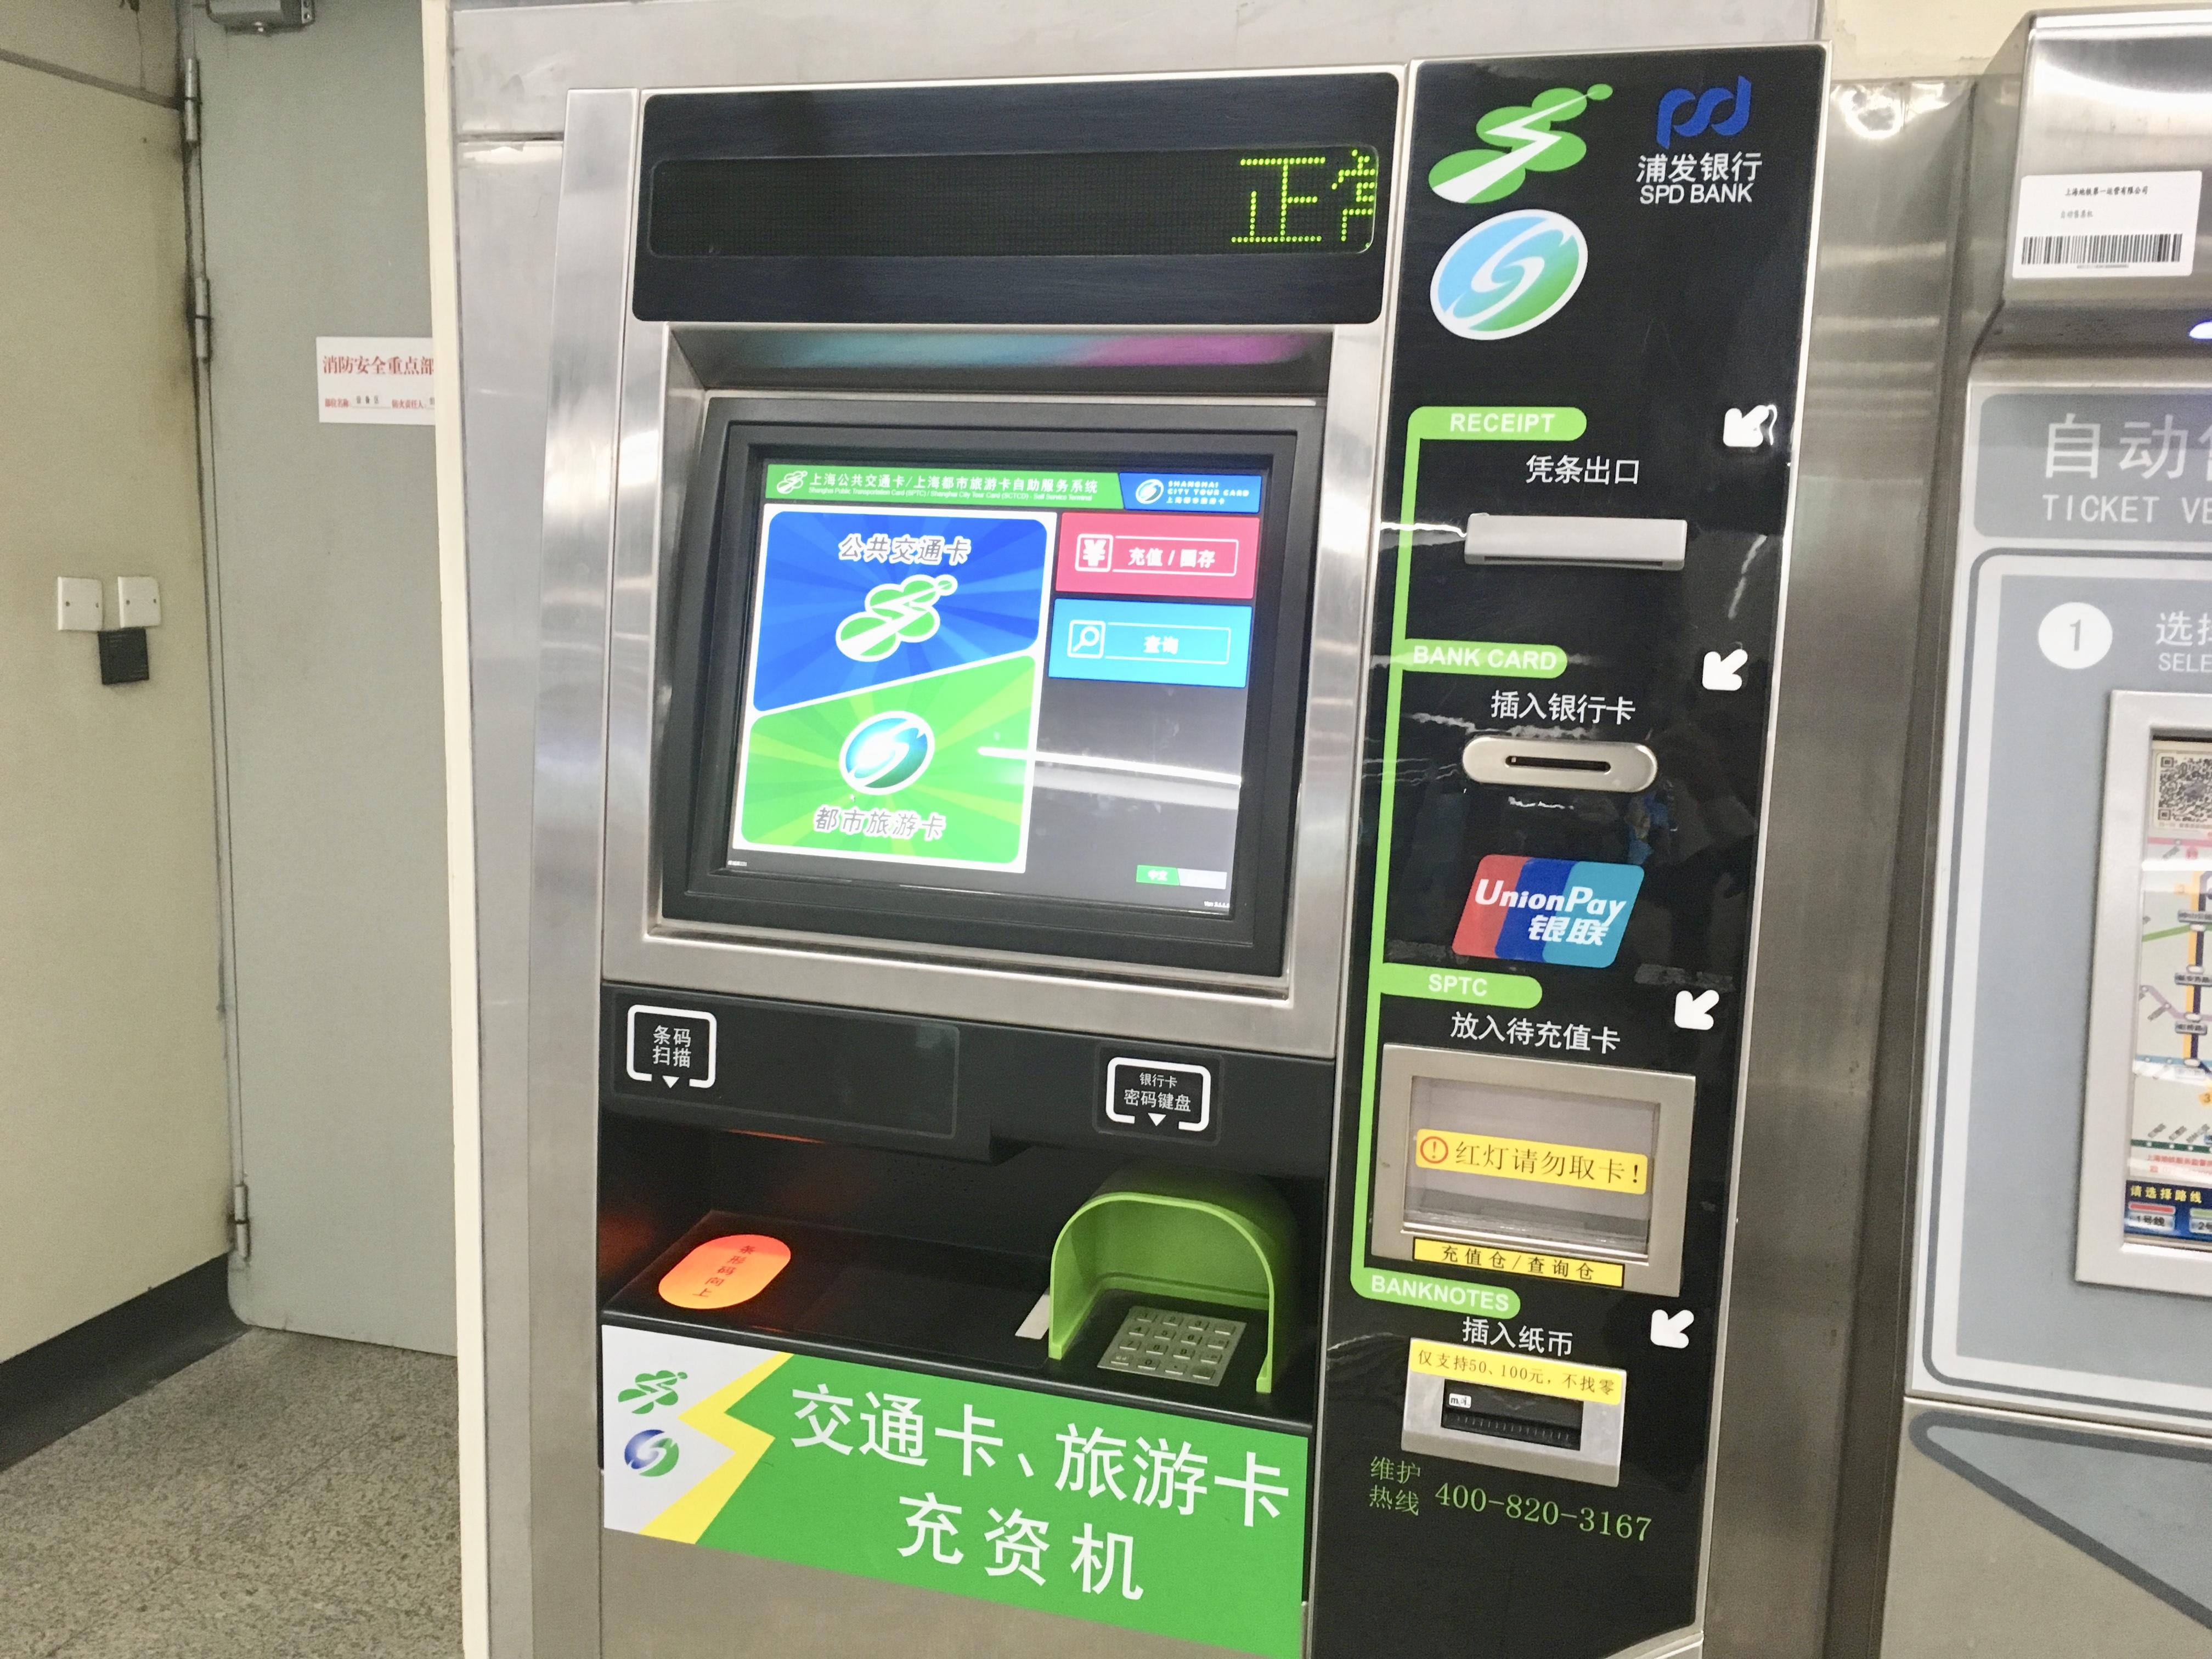 上海交通カード購入、入金自動販売機